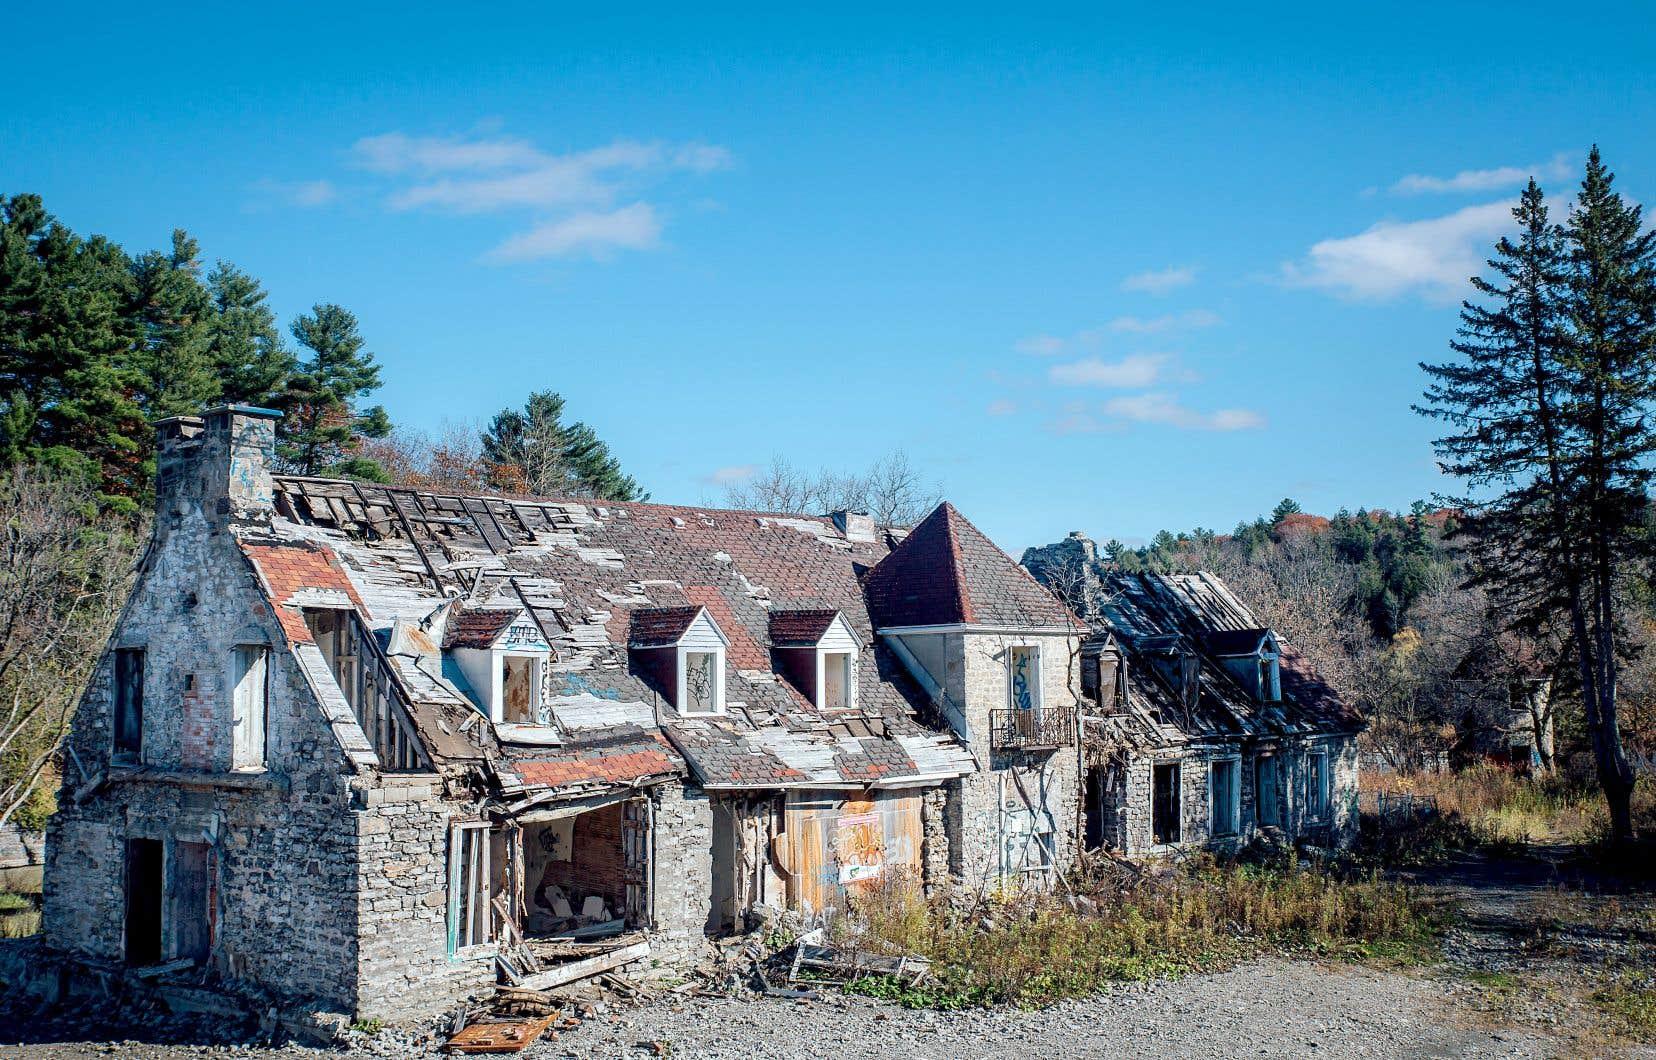 Le manoir seigneurial de Mascouche, construit au XVIIIe siècle et détruit en novembre dernier par la municipalité, est évoqué dans la lettre de Phyllis Lambert et Serge Joyal.